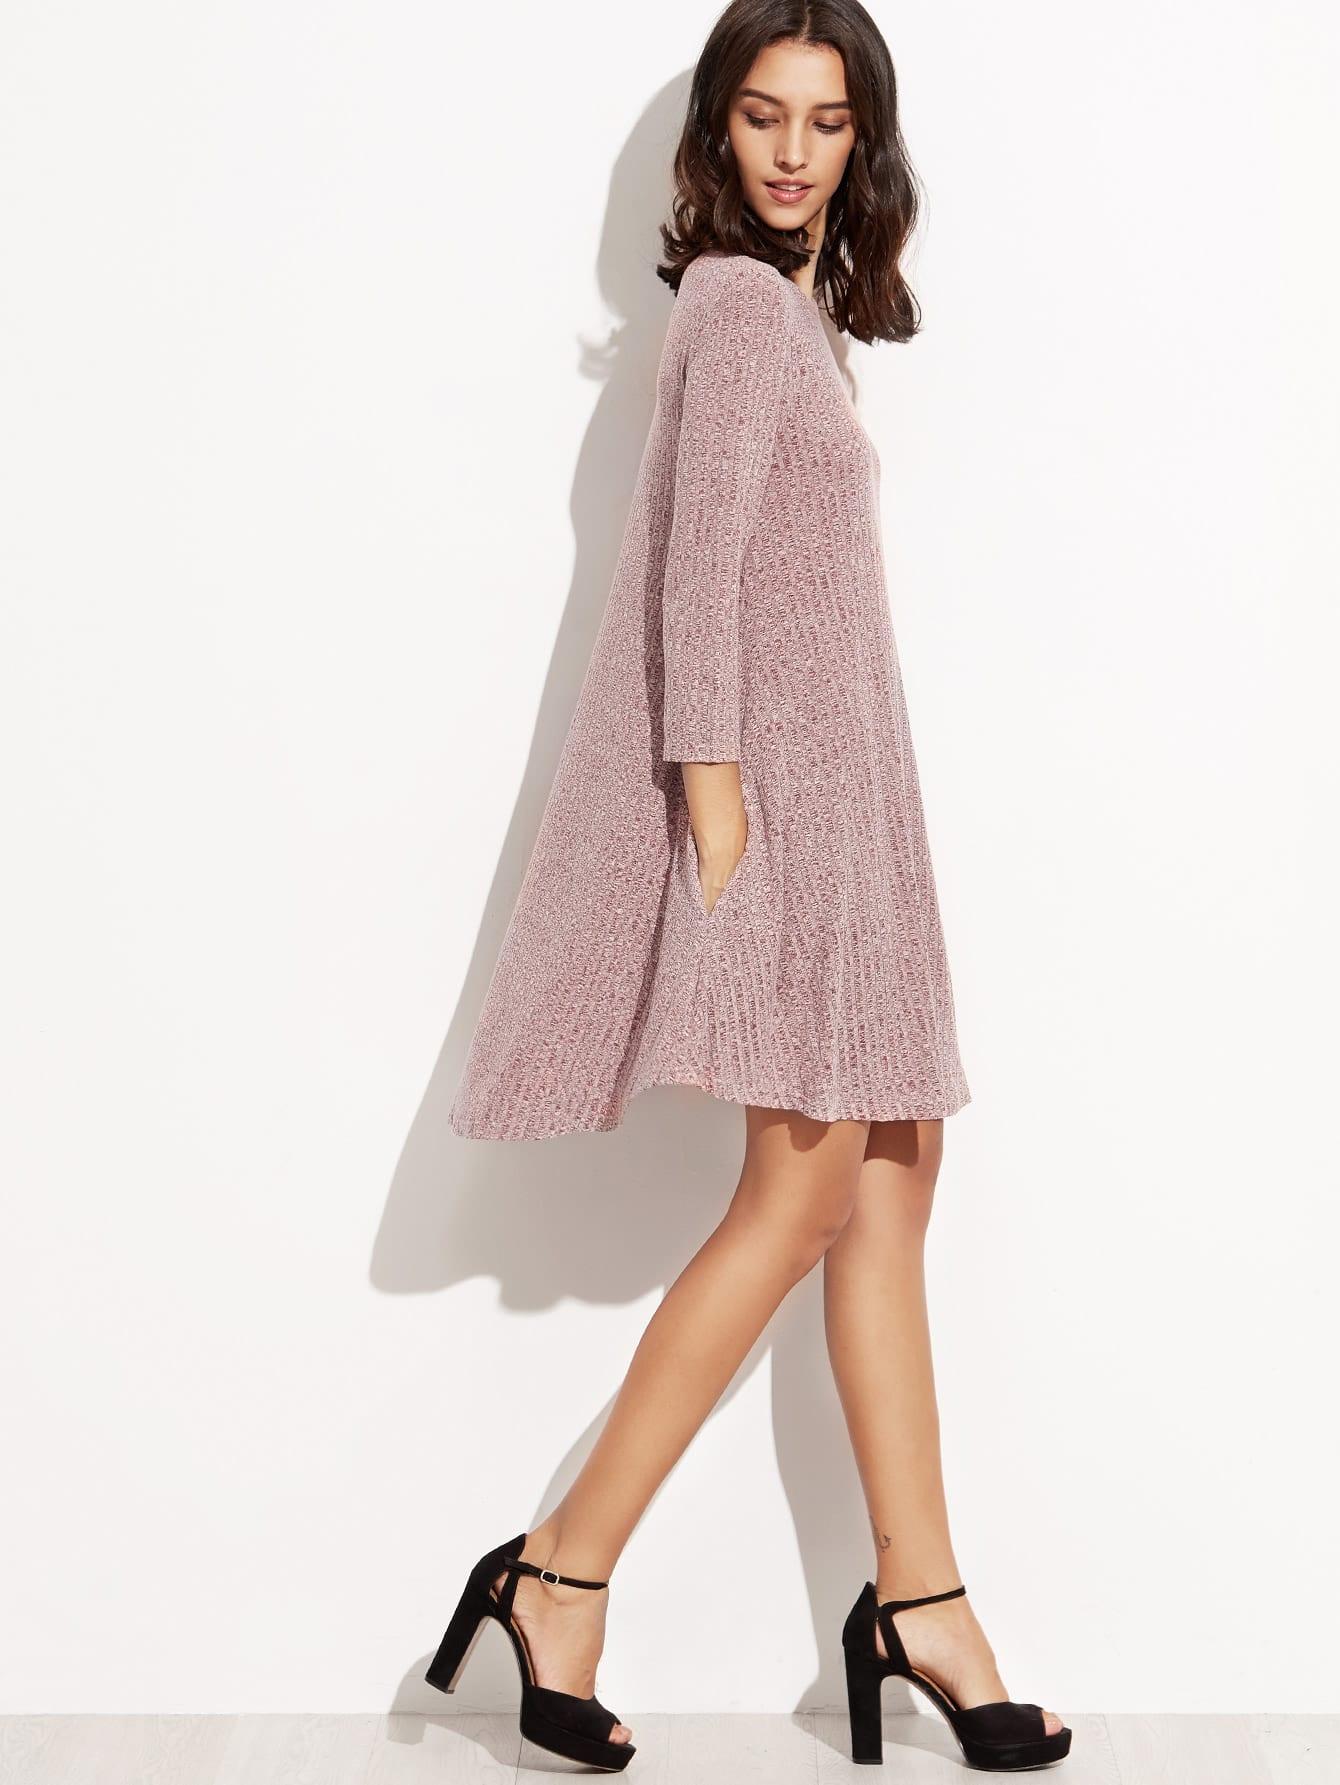 dress160830711_2